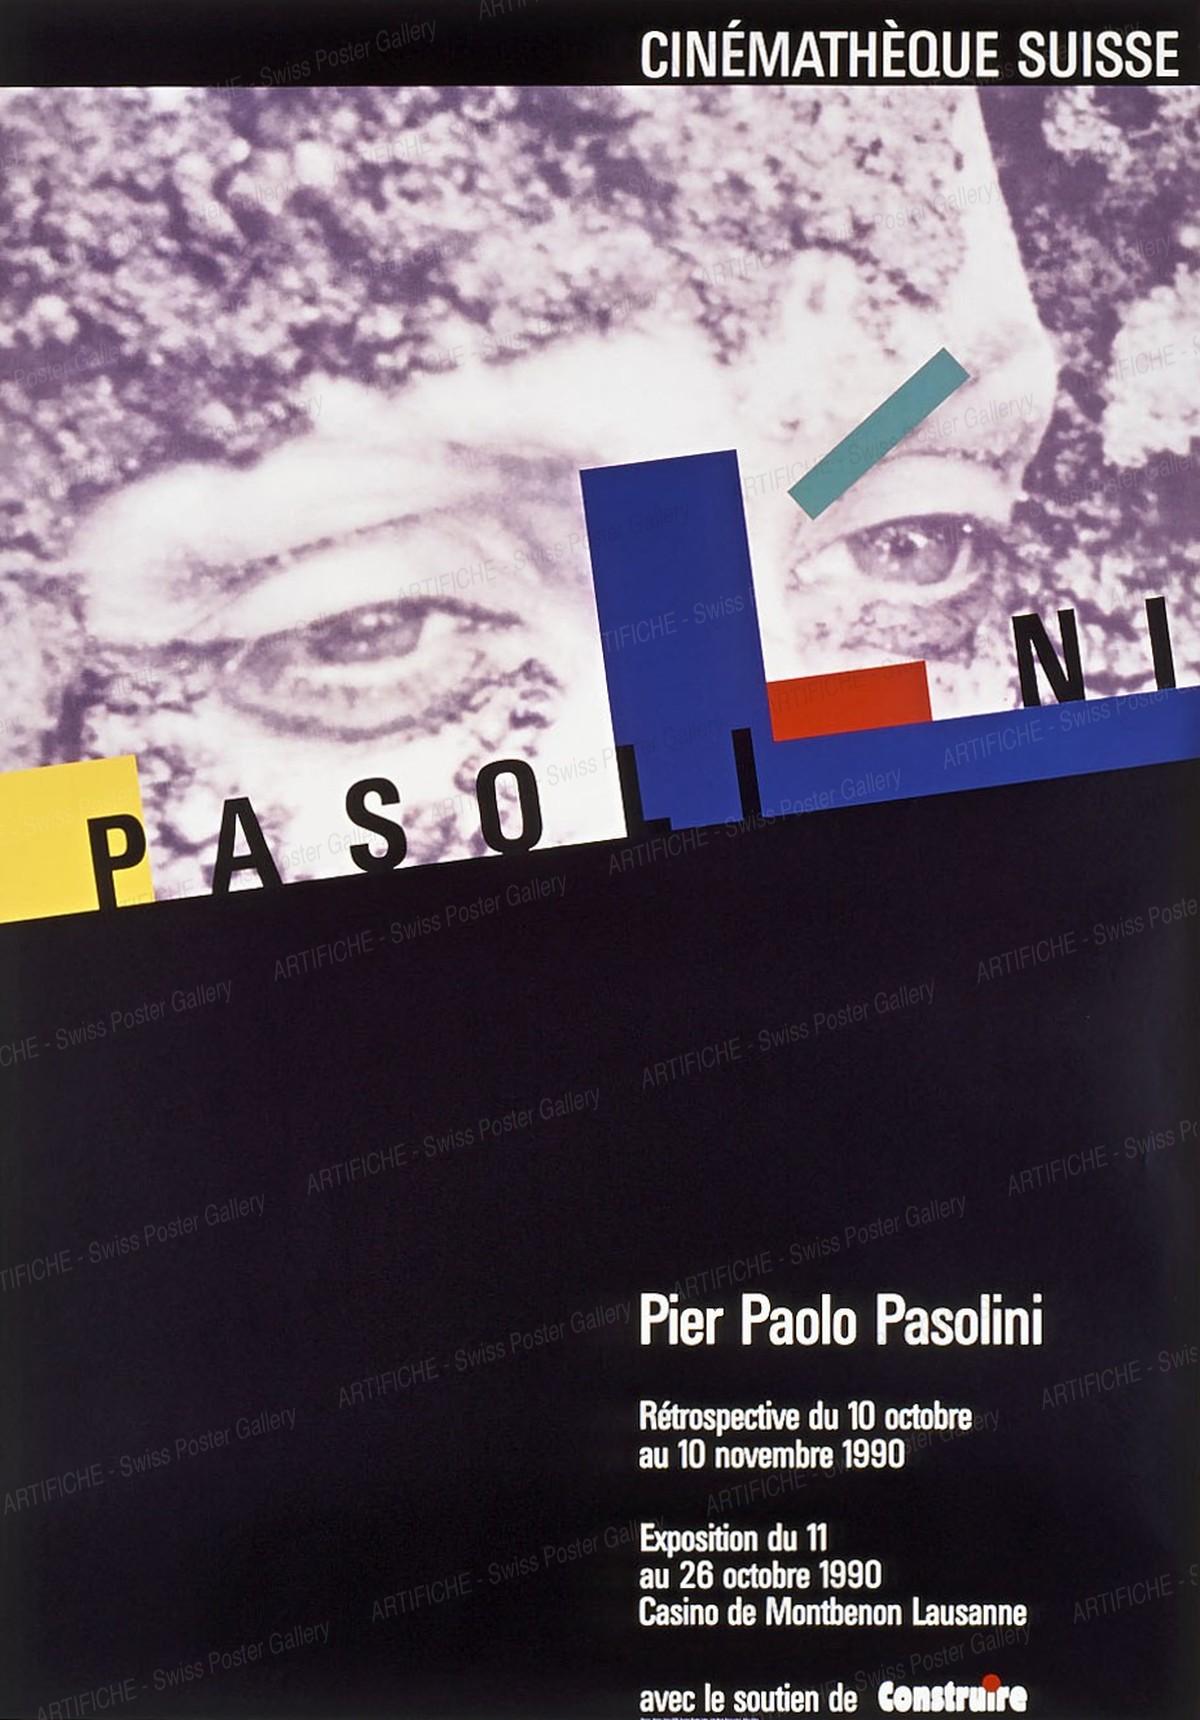 CINÉMATHÈQUE SUISSESUISSE – Pier Paolo Pasolini – Retrospective 1990, Werner Jeker